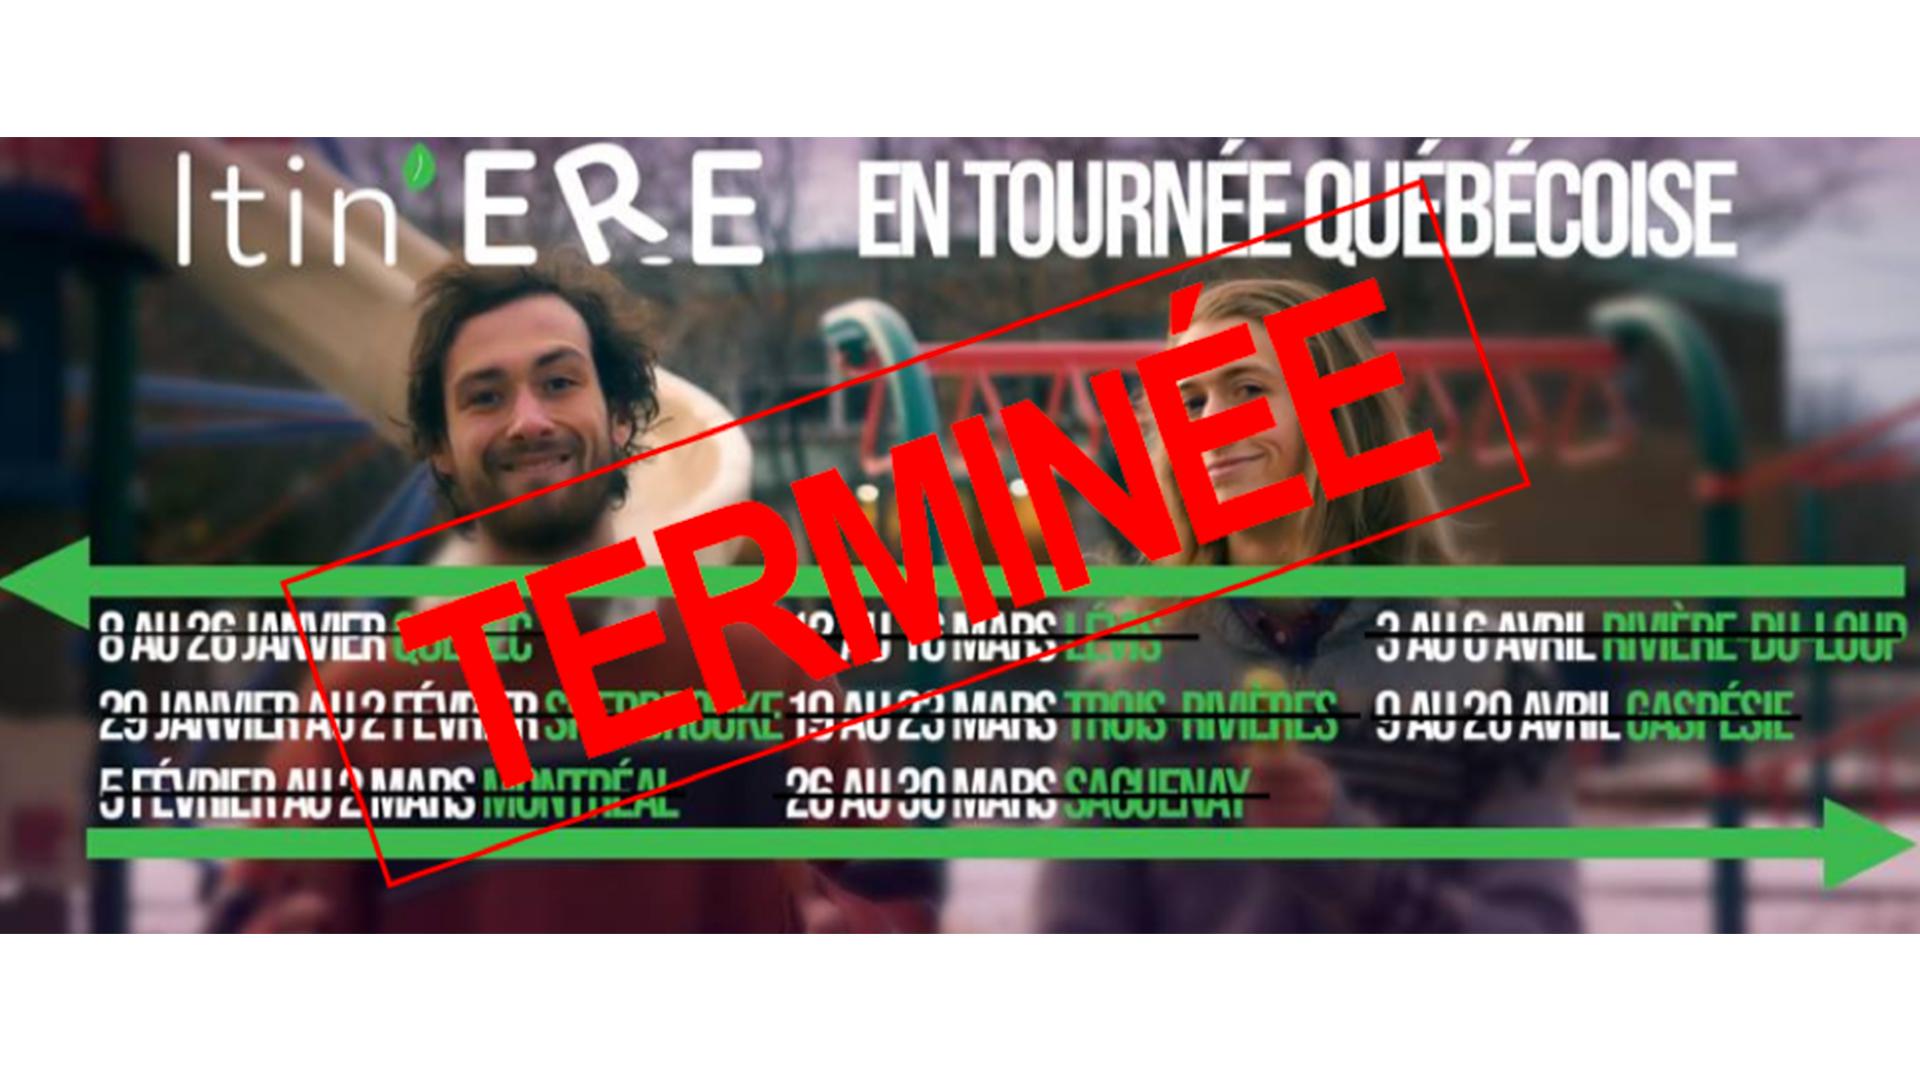 Jour_de_la_terre_blogue_2019_Une_annee_dimplication_en_environnement_Vincent_Boisclair